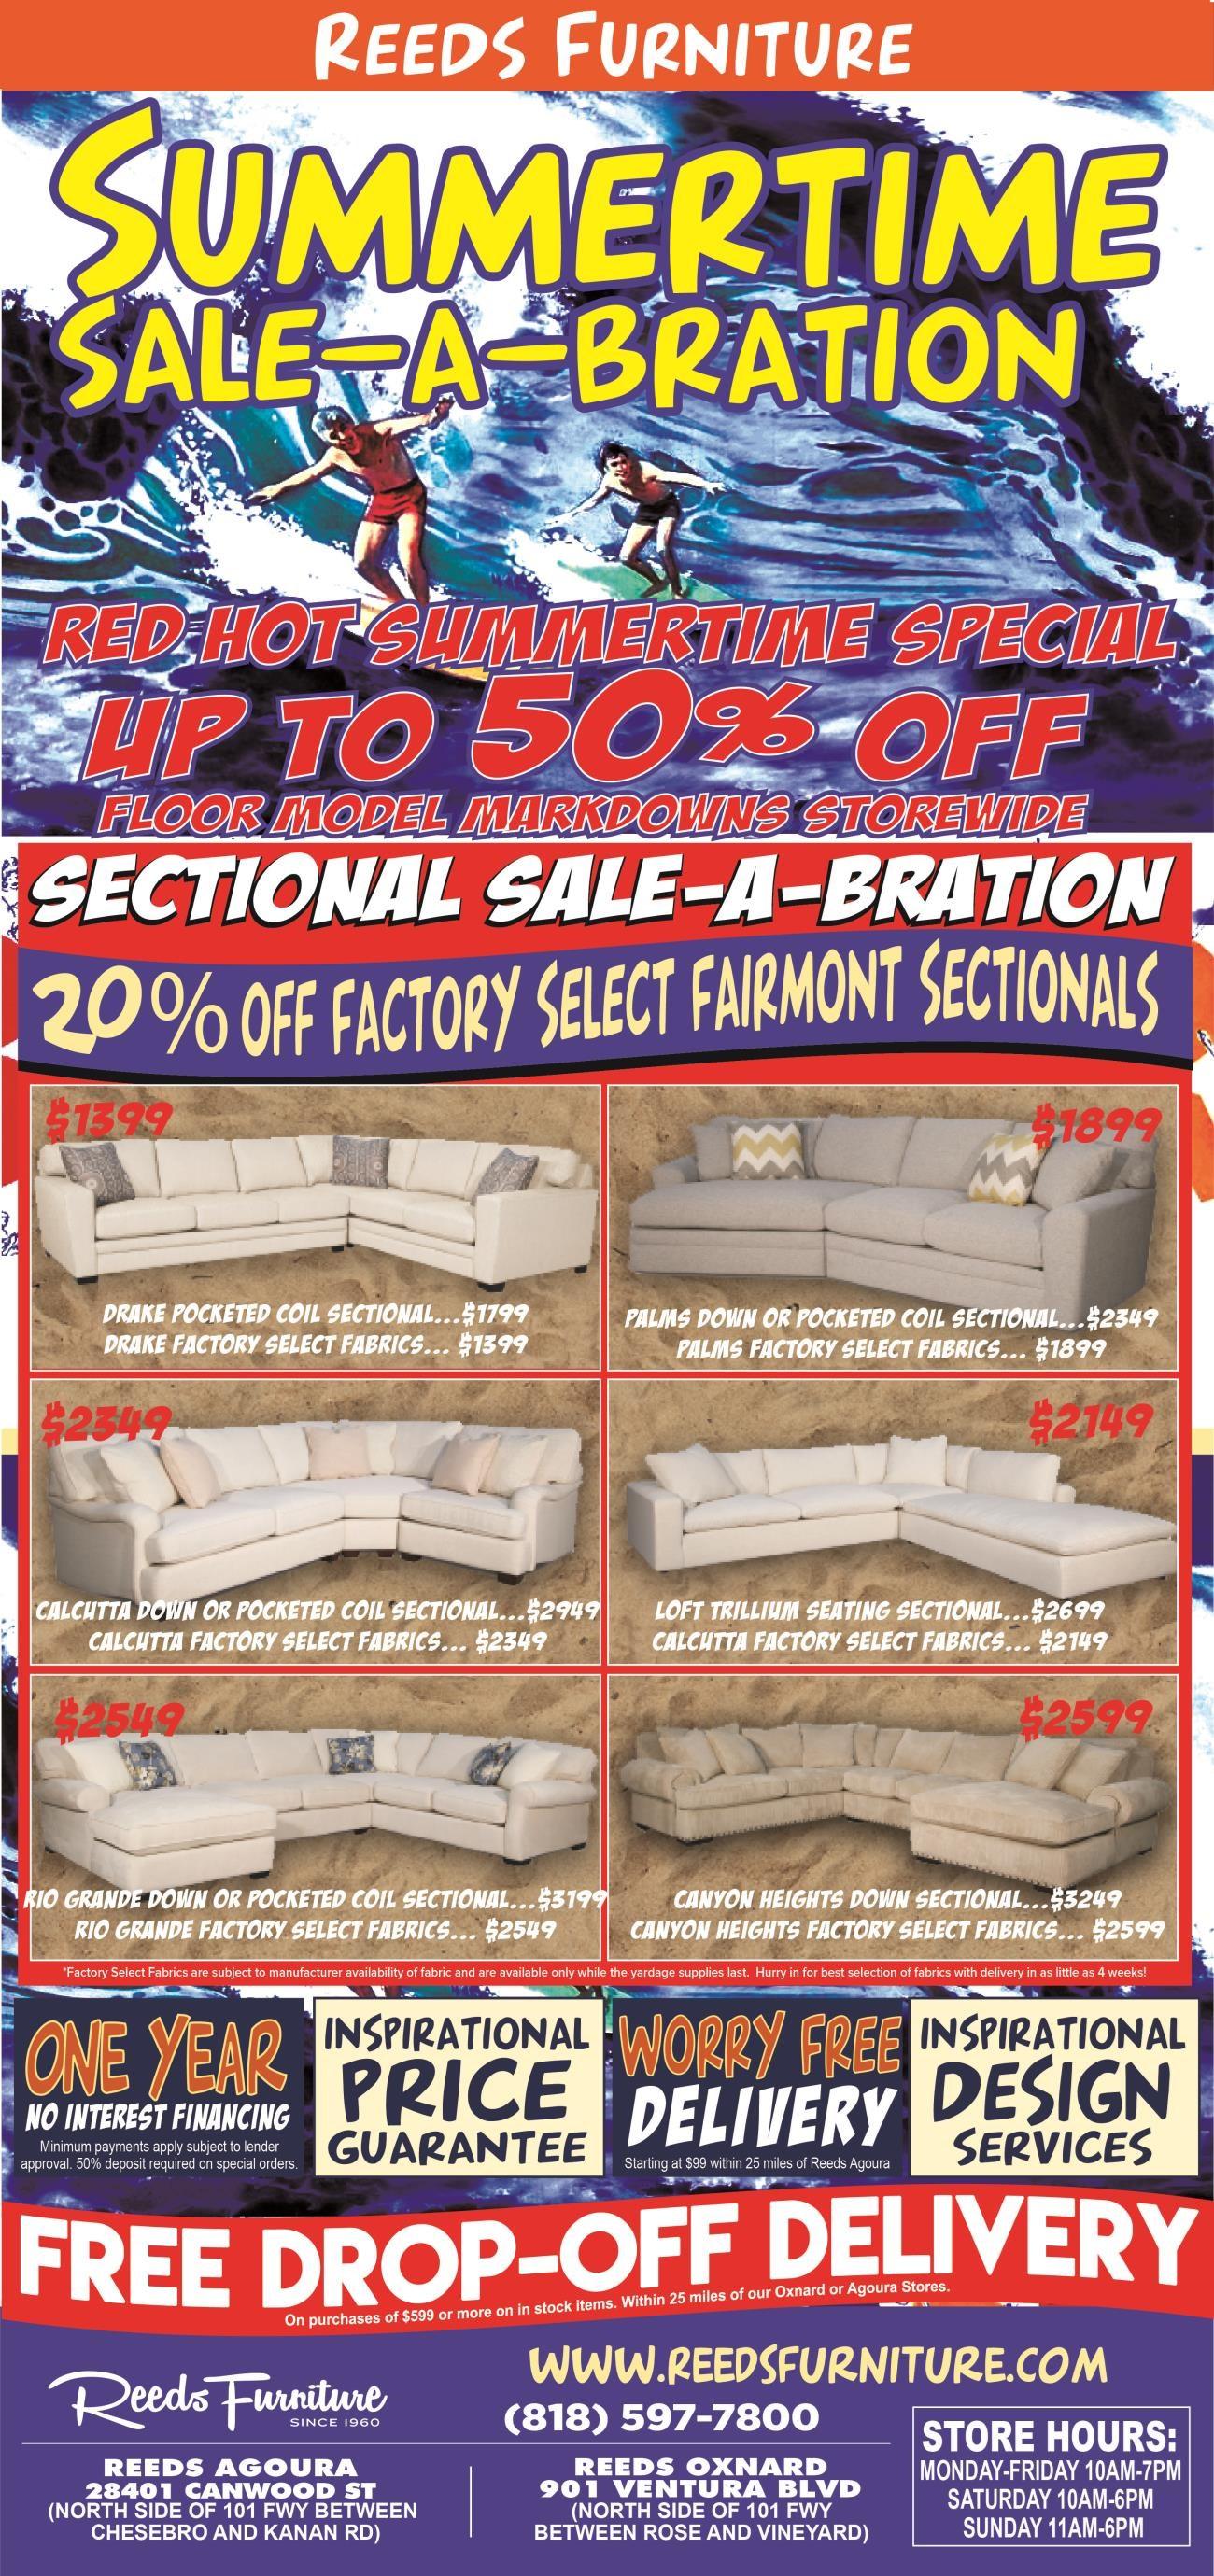 Reeds Furniture Summertime Sale-A-Bration